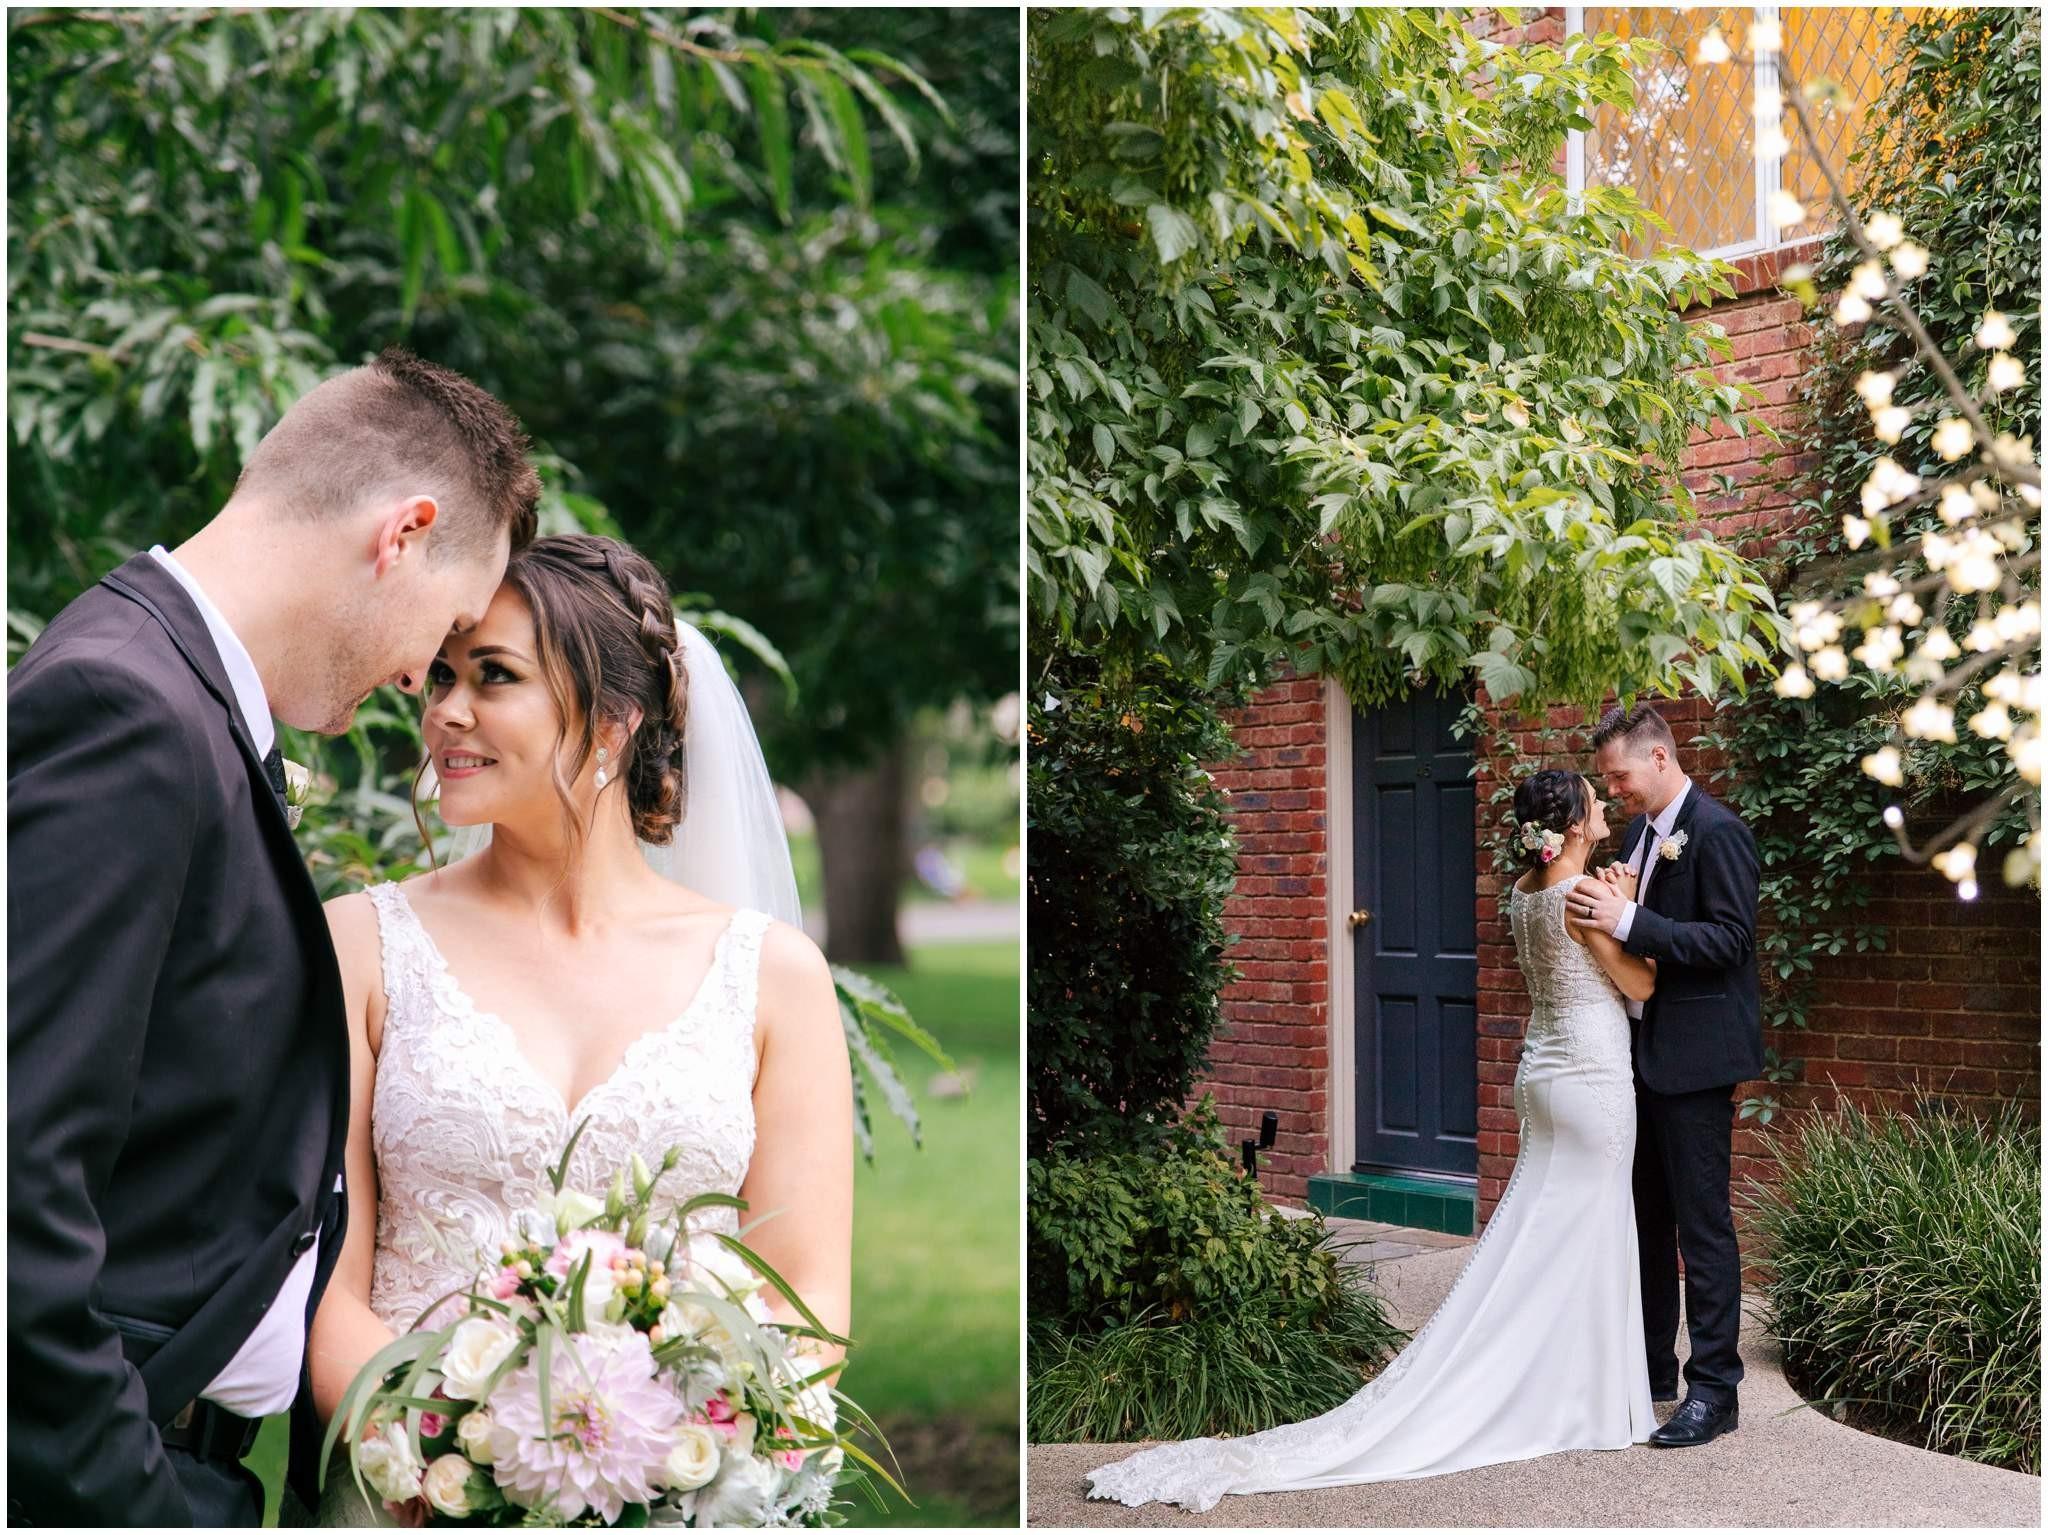 Elizabethan-Lodge-Wedding-63-1024x768@2x.jpg